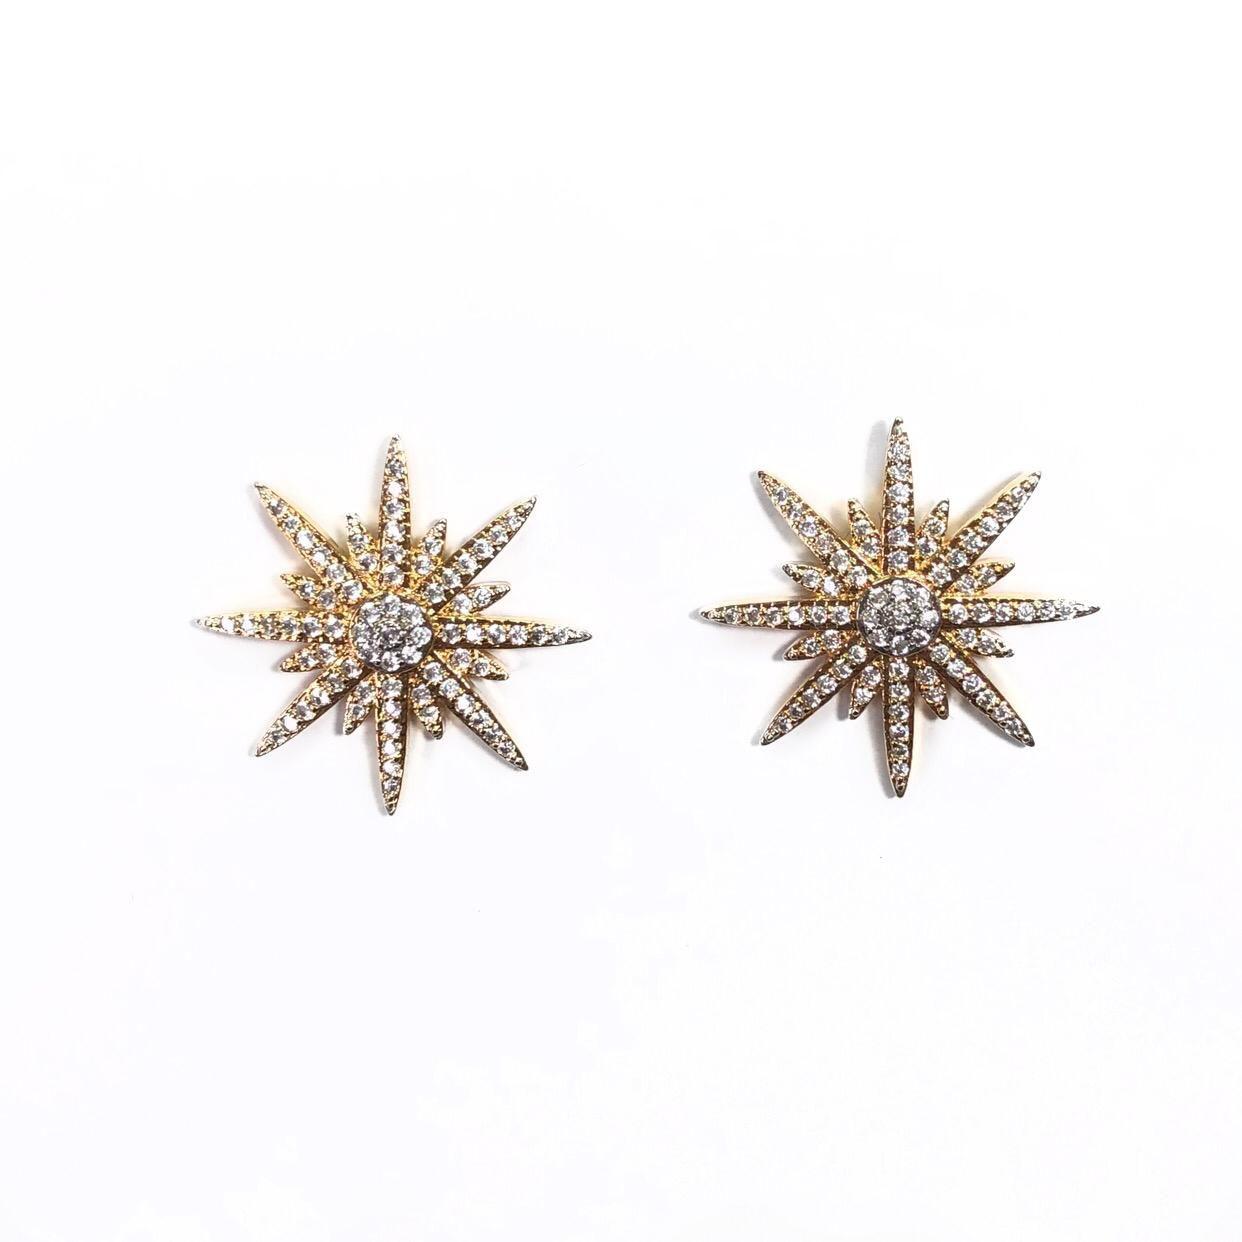 Brinco Estrela Cravejado com Zircônias Branco Banho em Ródio